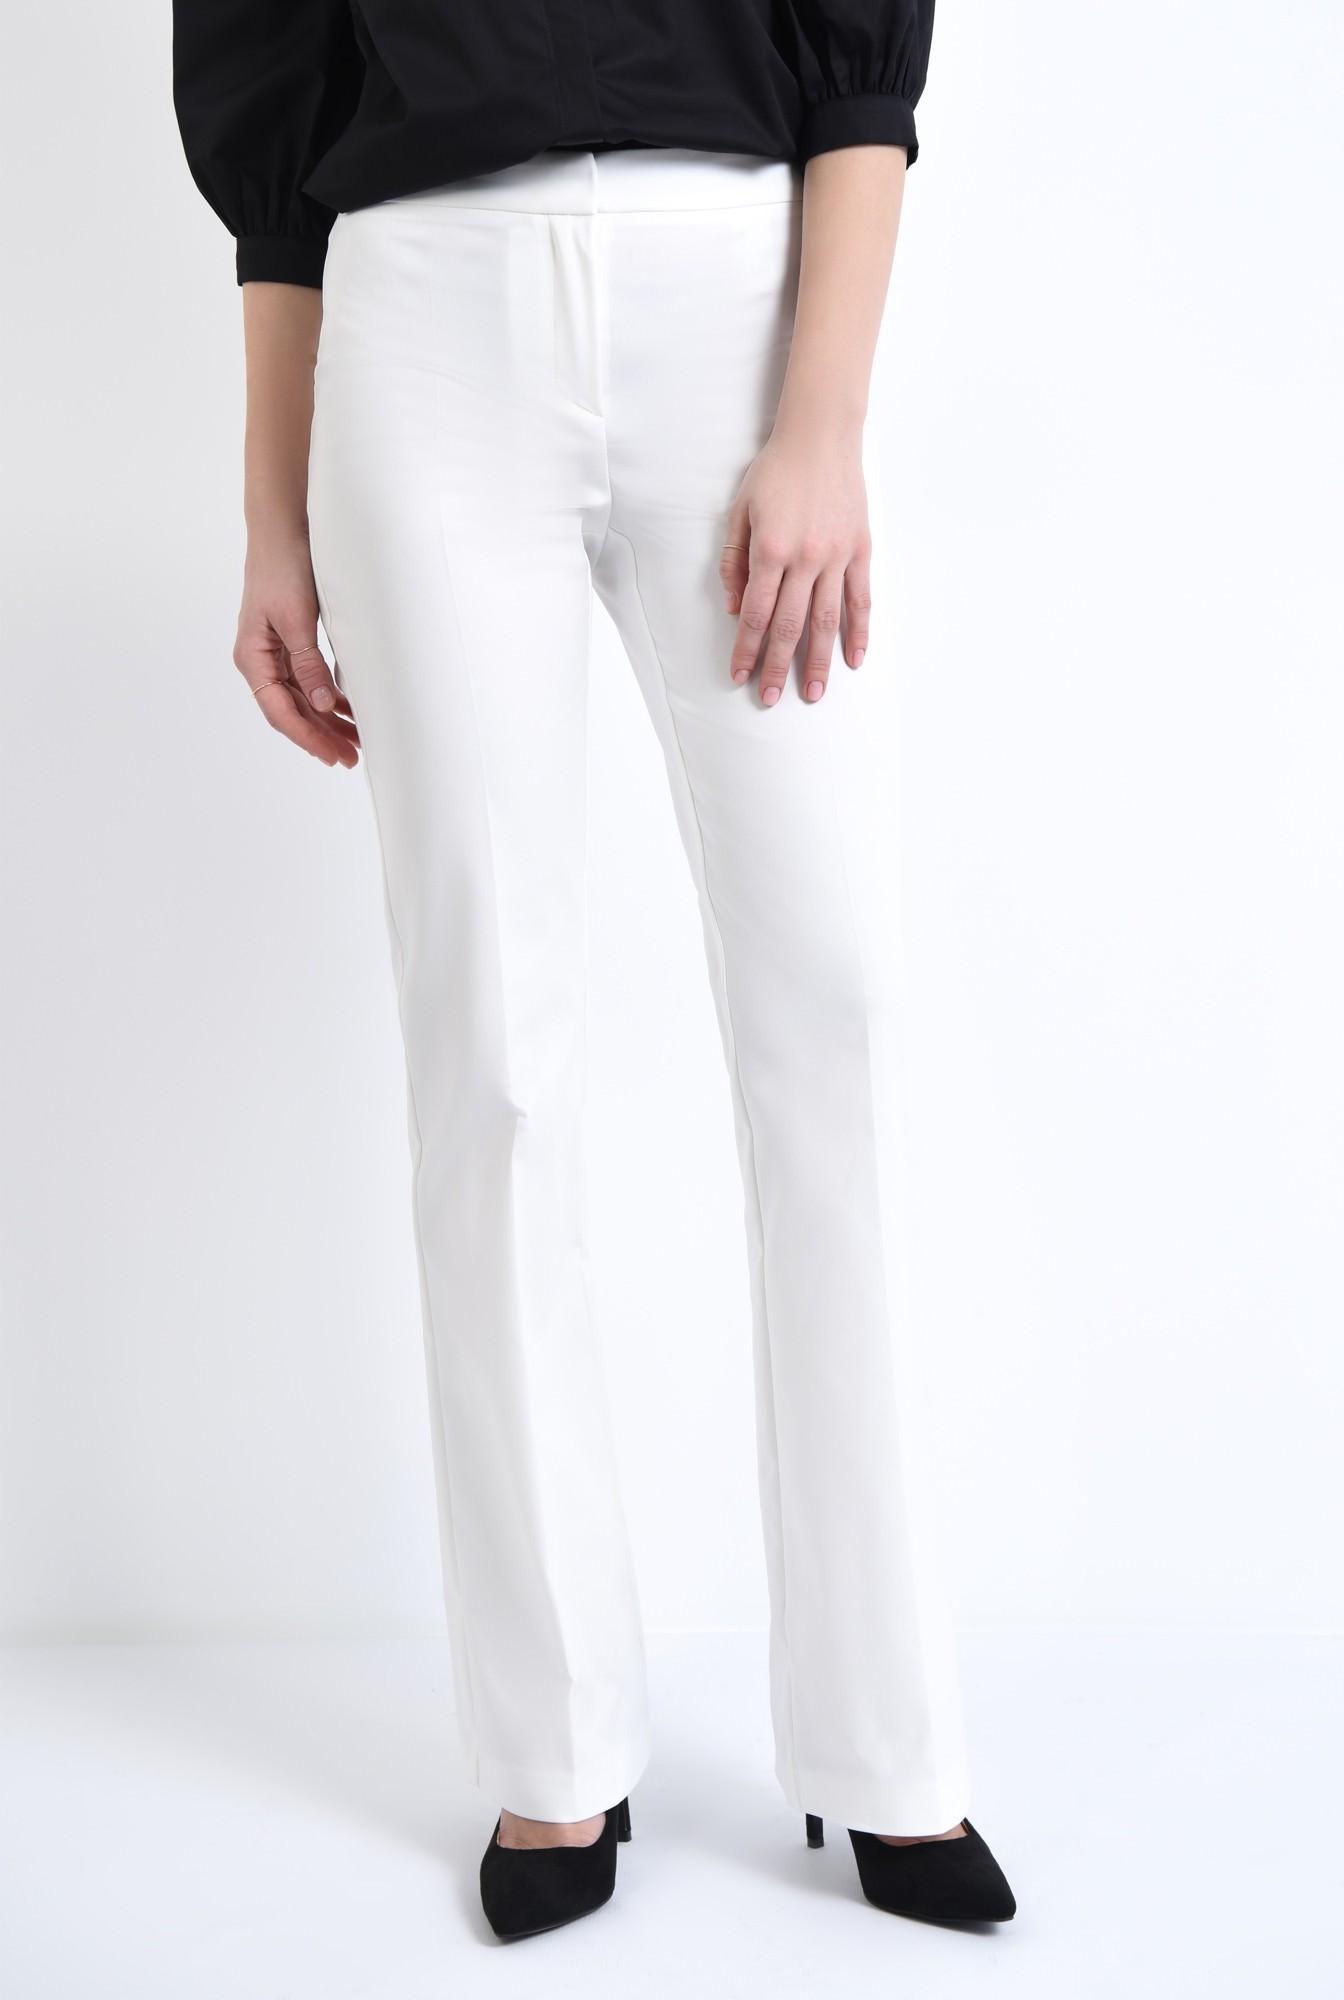 2 - Pantaloni albi, croi drept